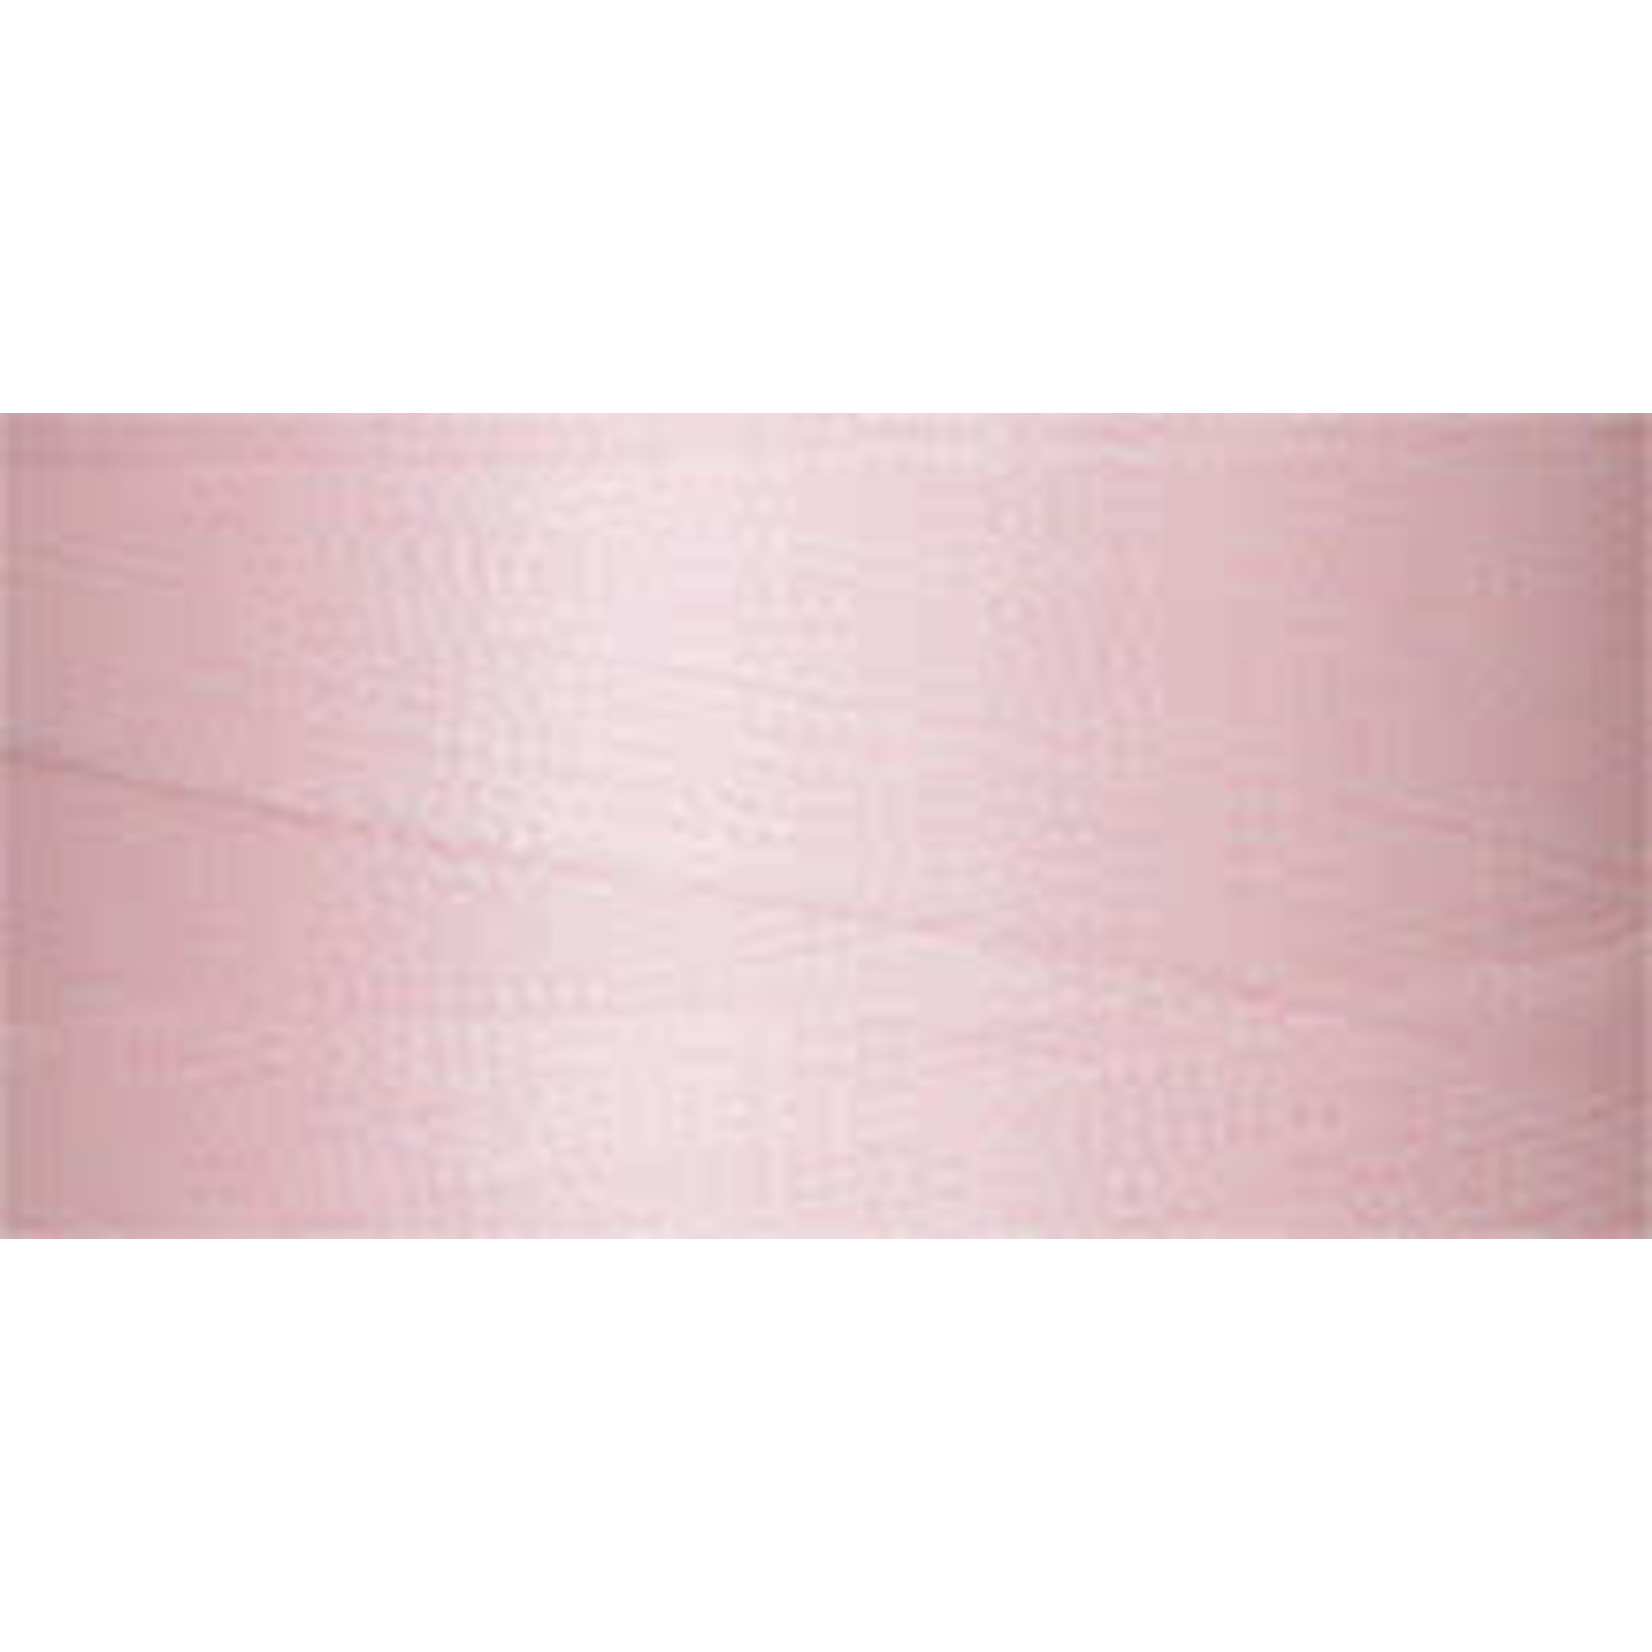 Superior Threads Bottom Line - #60 - 1300 m - 628 Baby Pink